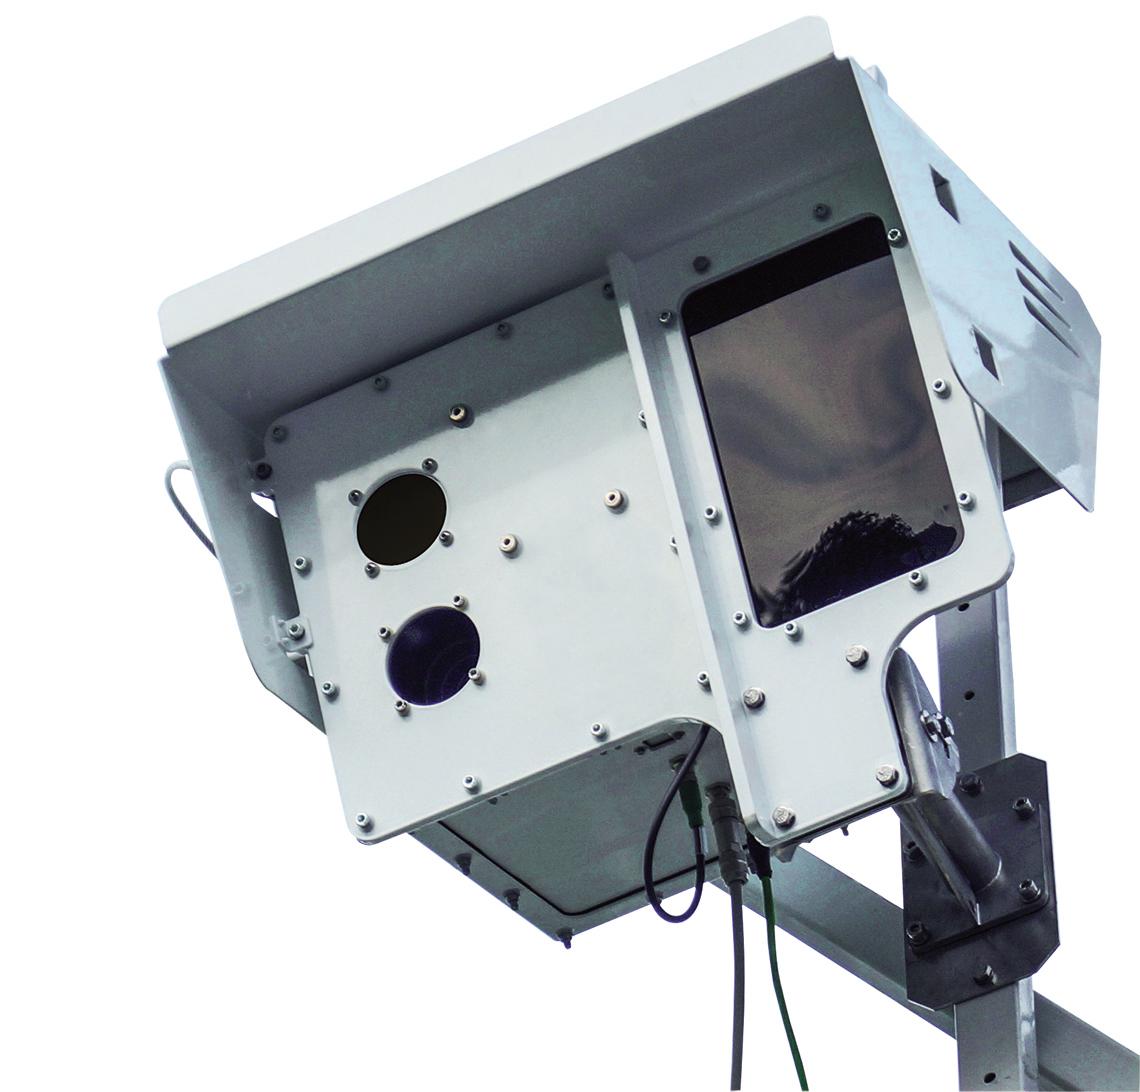 Die Sensor-Box von EFKON in Großaufnahme.